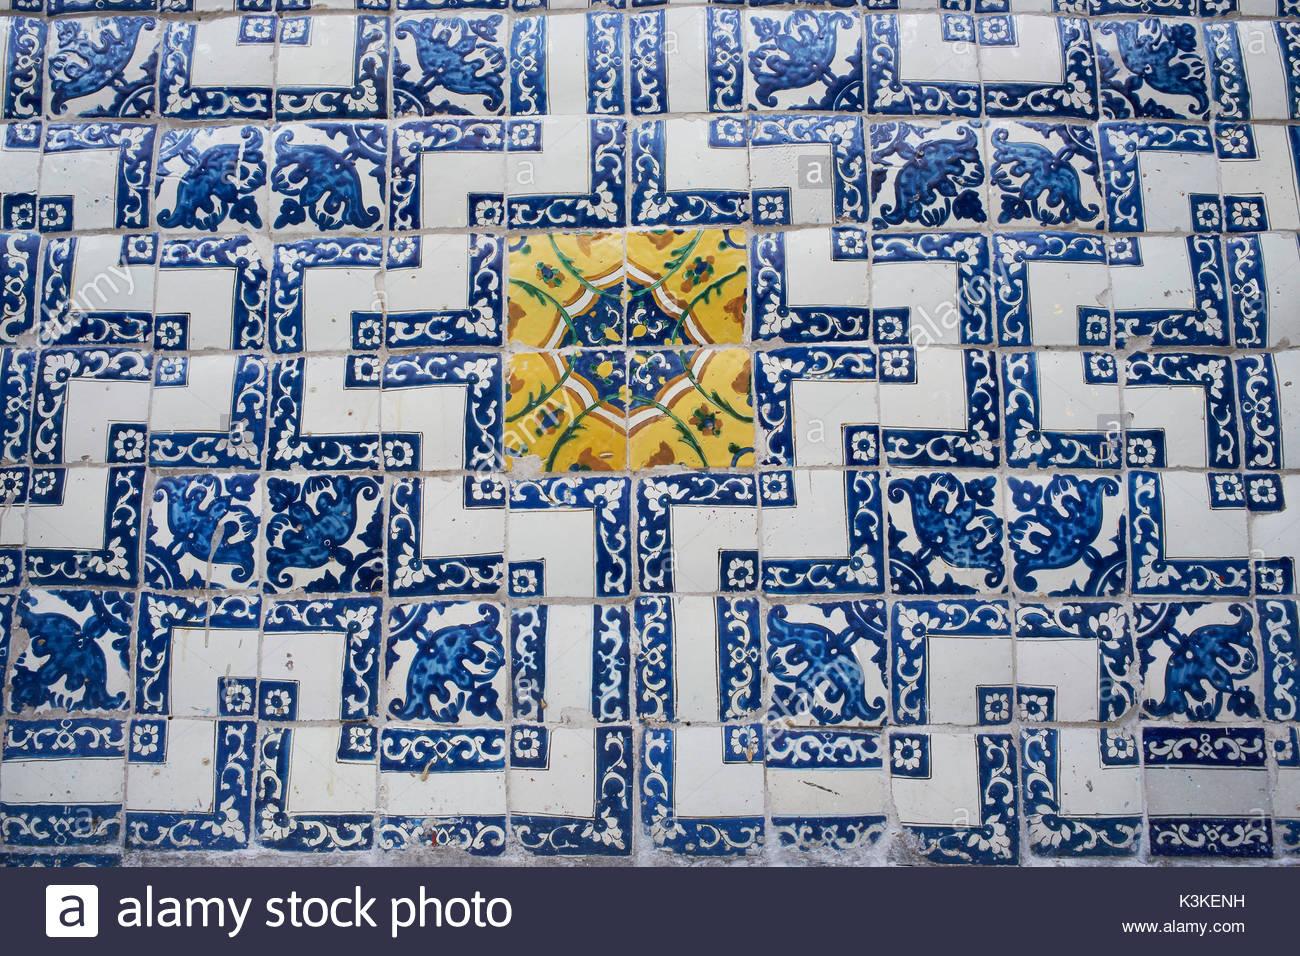 Casa de los azulejos mexico city stock photos casa de - Azulejos del valle ...